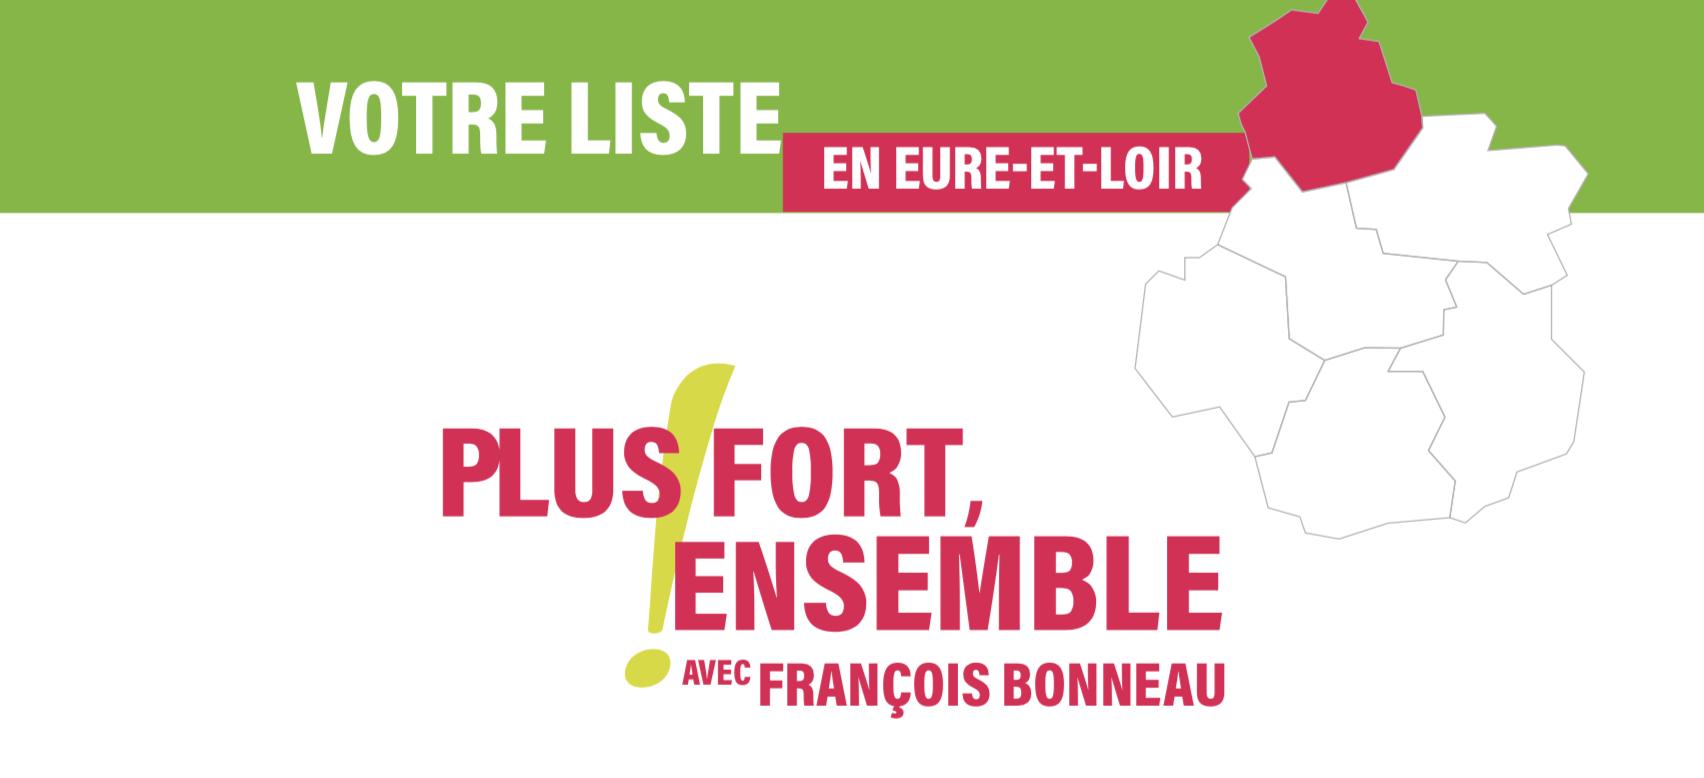 La section d'Eure-et-Loir de la liste régionale